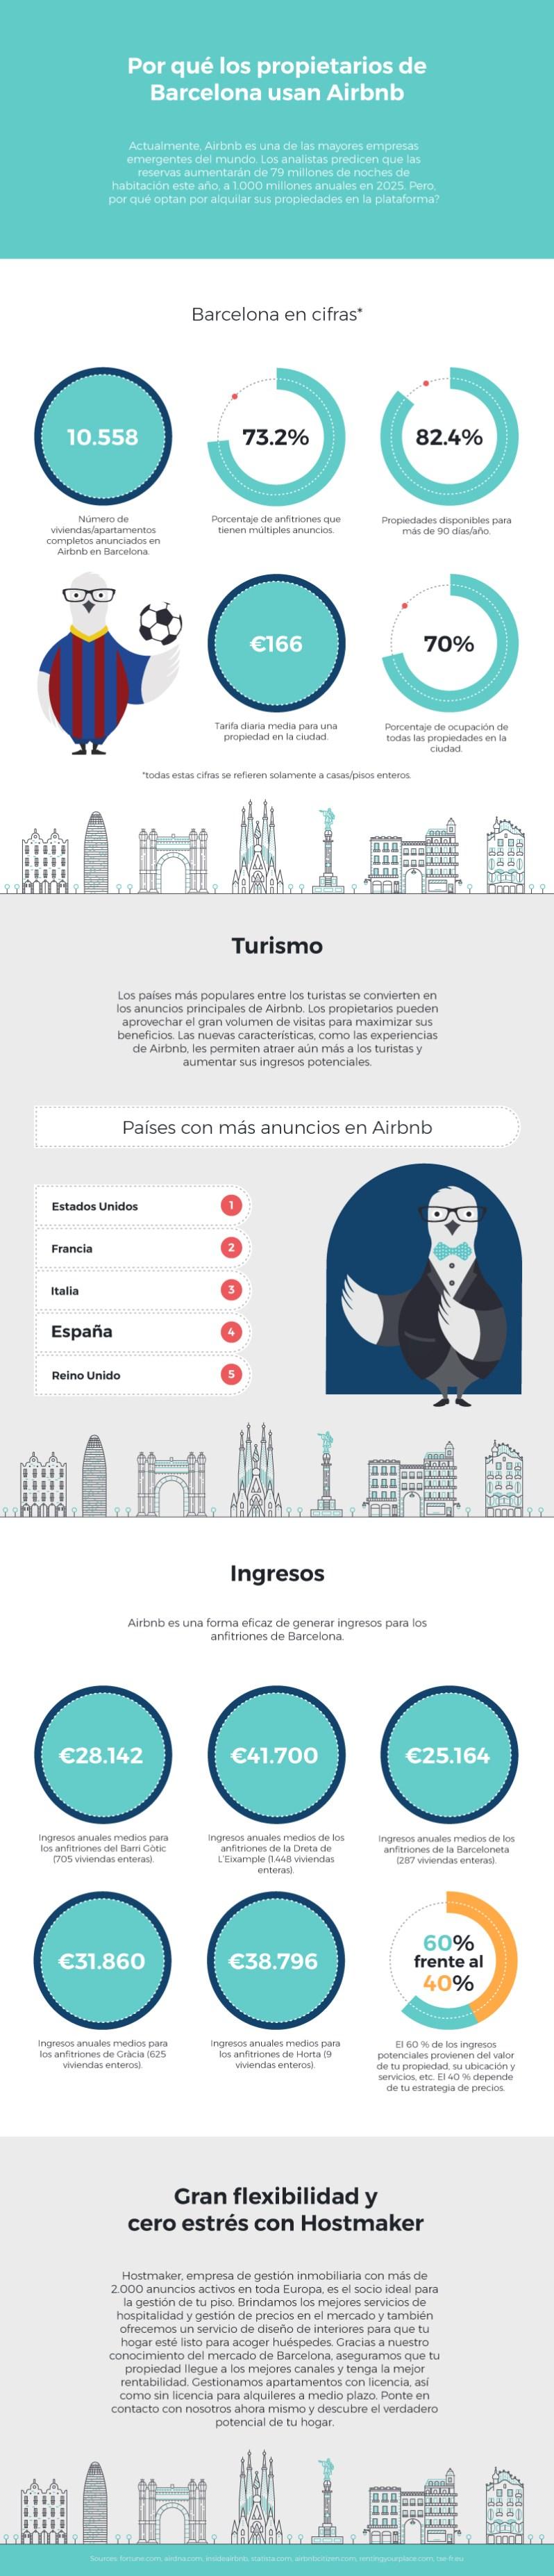 Hostmaker-Infographic-Barcelona-V5.jpg